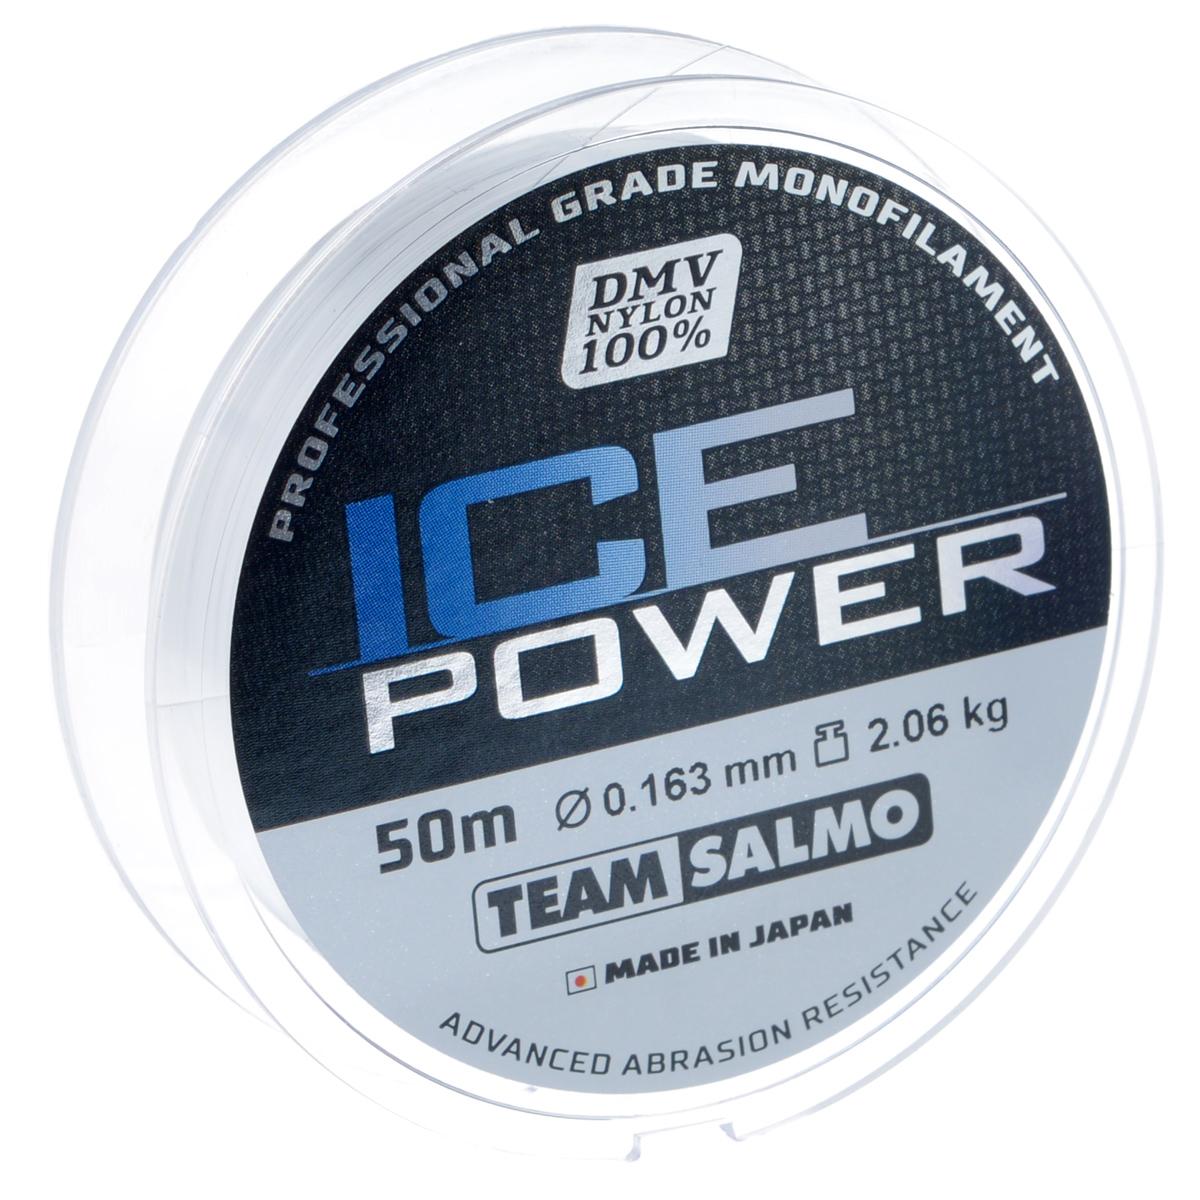 Леска монофильная Team Salmo Ice Power, сечение 0,163 мм, длина 50 мTS4924-016Team Salmo Ice Power - это леска последнего поколения, идеально калиброванная по всей длине, с точностью, определяемой до третьего знака. Материал, из которого изготовлена леска, обладает повышенной абразивной устойчивостью и не взаимодействует с водой, поэтому на морозе не теряет своих физических свойств, что значительно увеличивает срок ее службы. У лески отсутствует память, поэтому в процессе эксплуатации она не деформируется. Низкий коэффициент растяжимости делает леску максимально чувствительной, при этом она практически незаметна для рыбы. Леска производится использованием самого высококачественного сырья и новейших технологий.